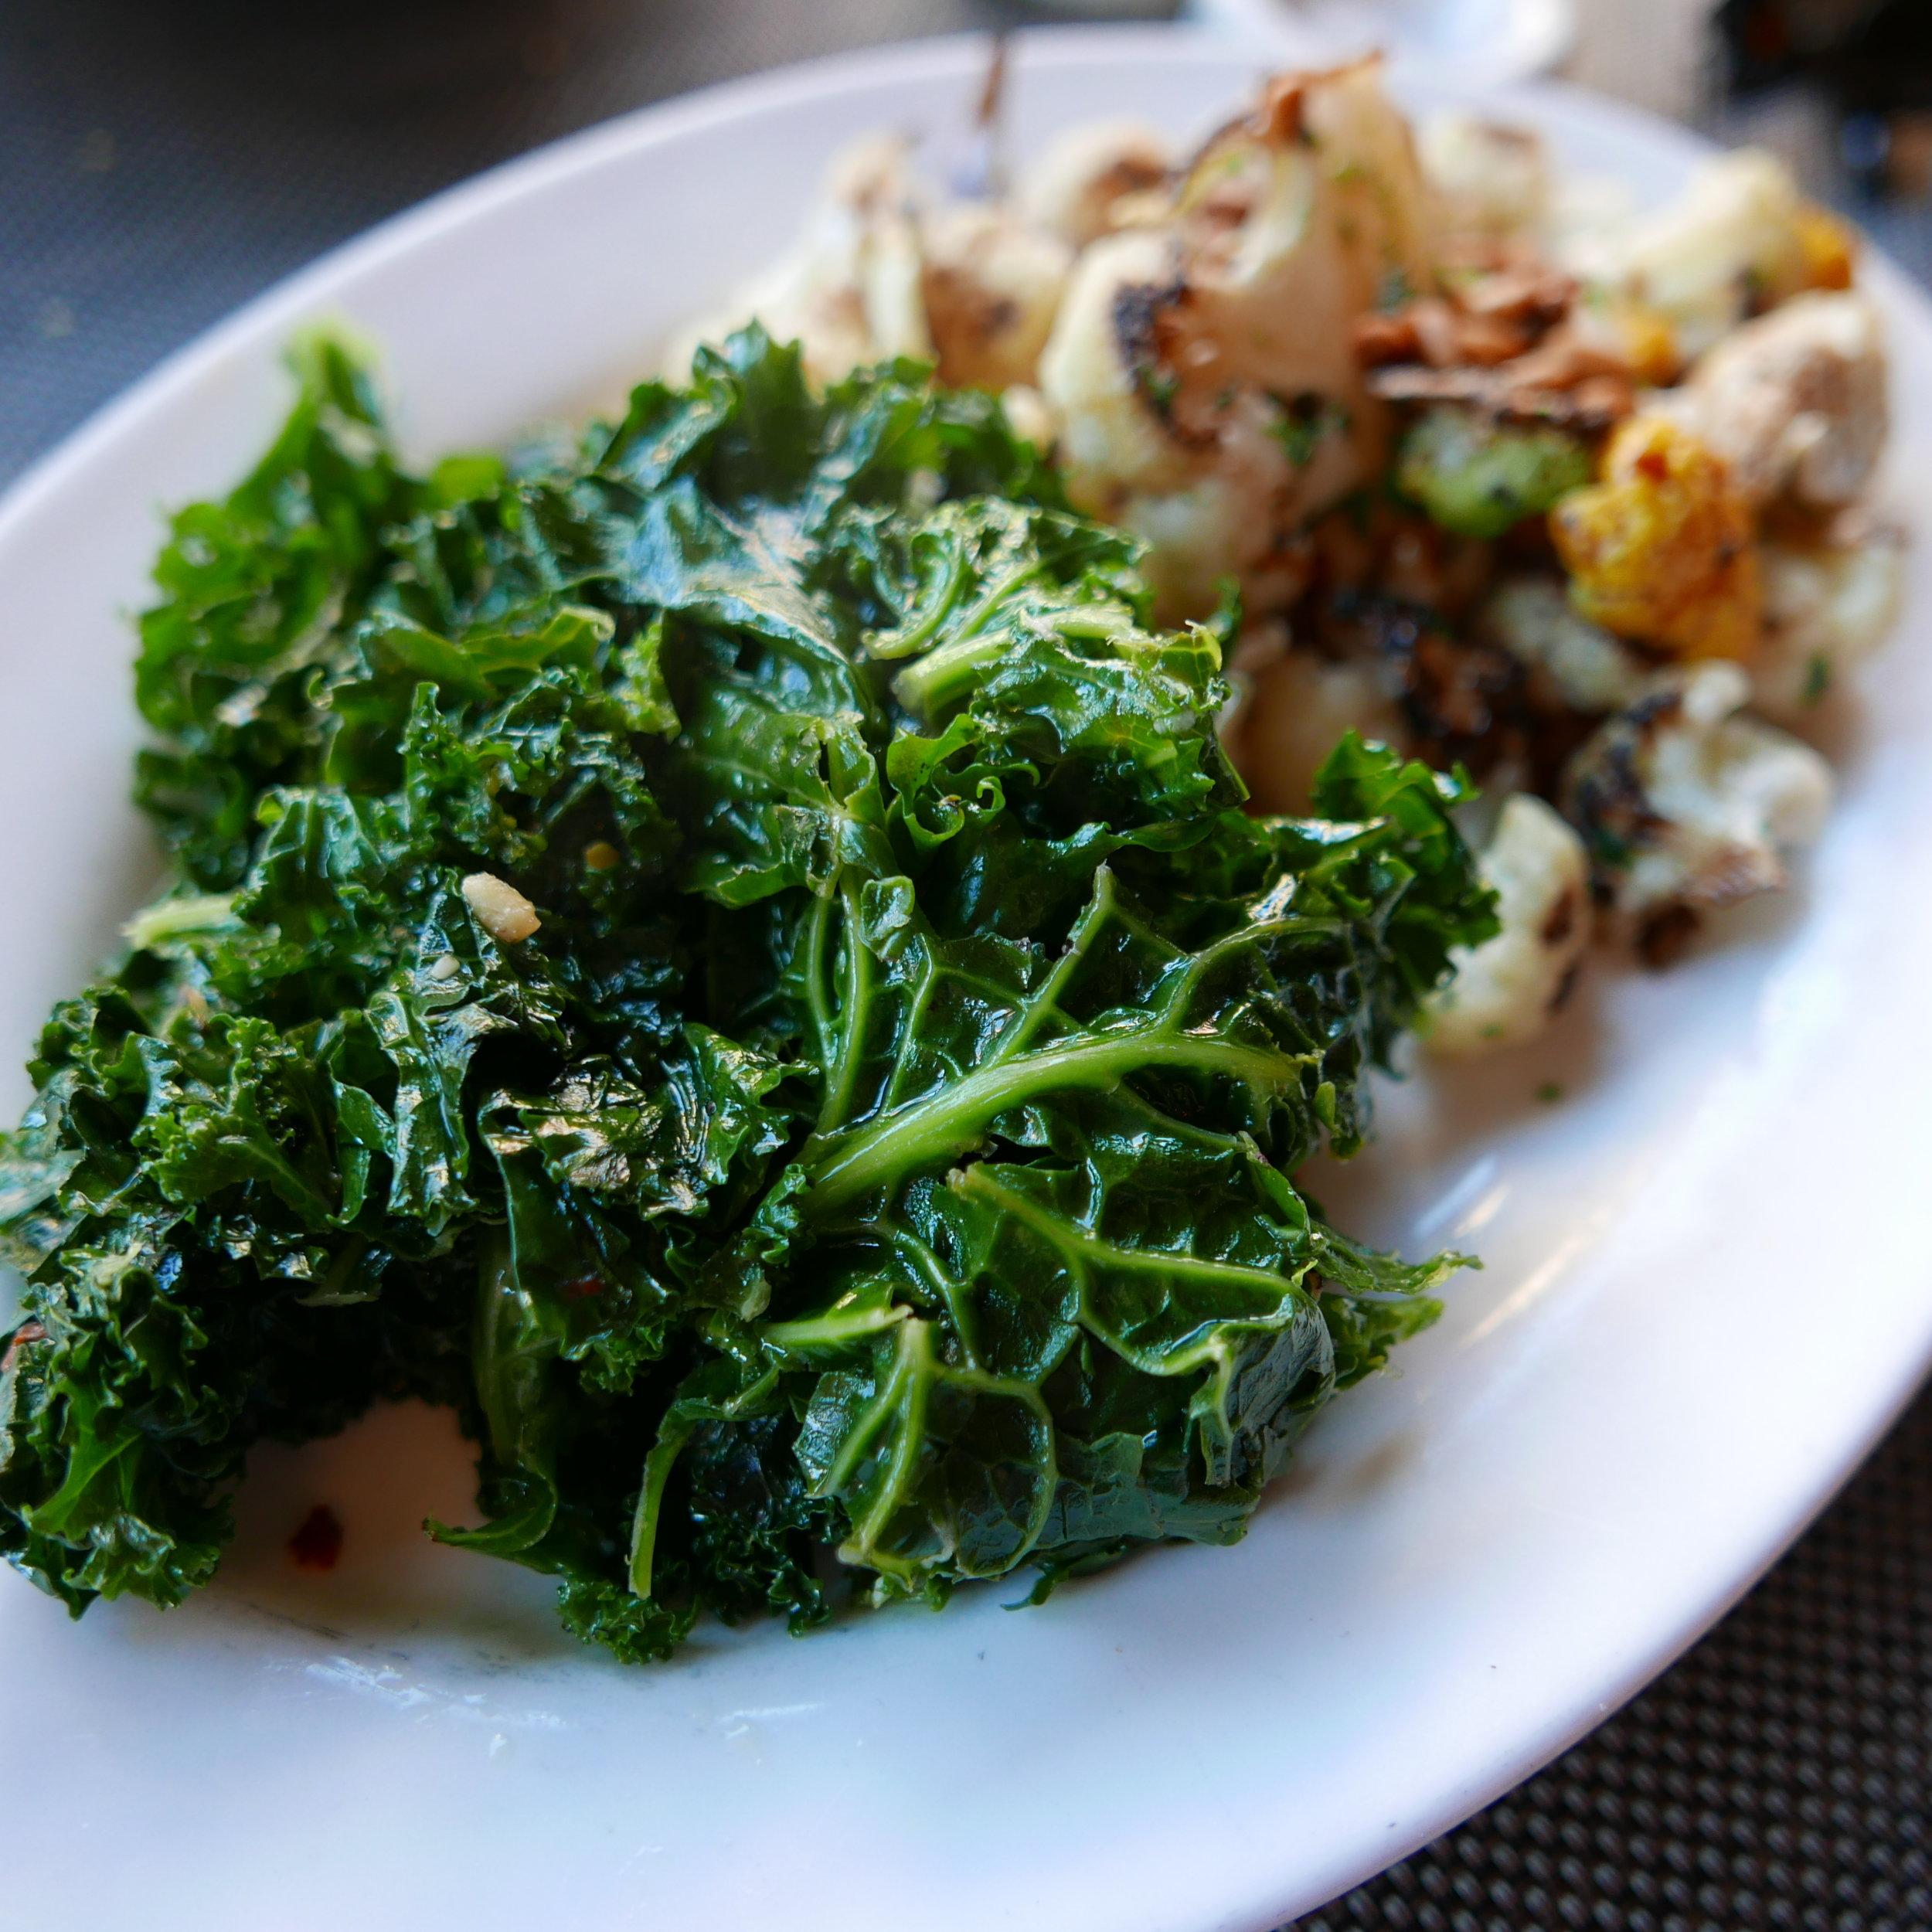 Vegetable Plate - Kale, Cauliflower